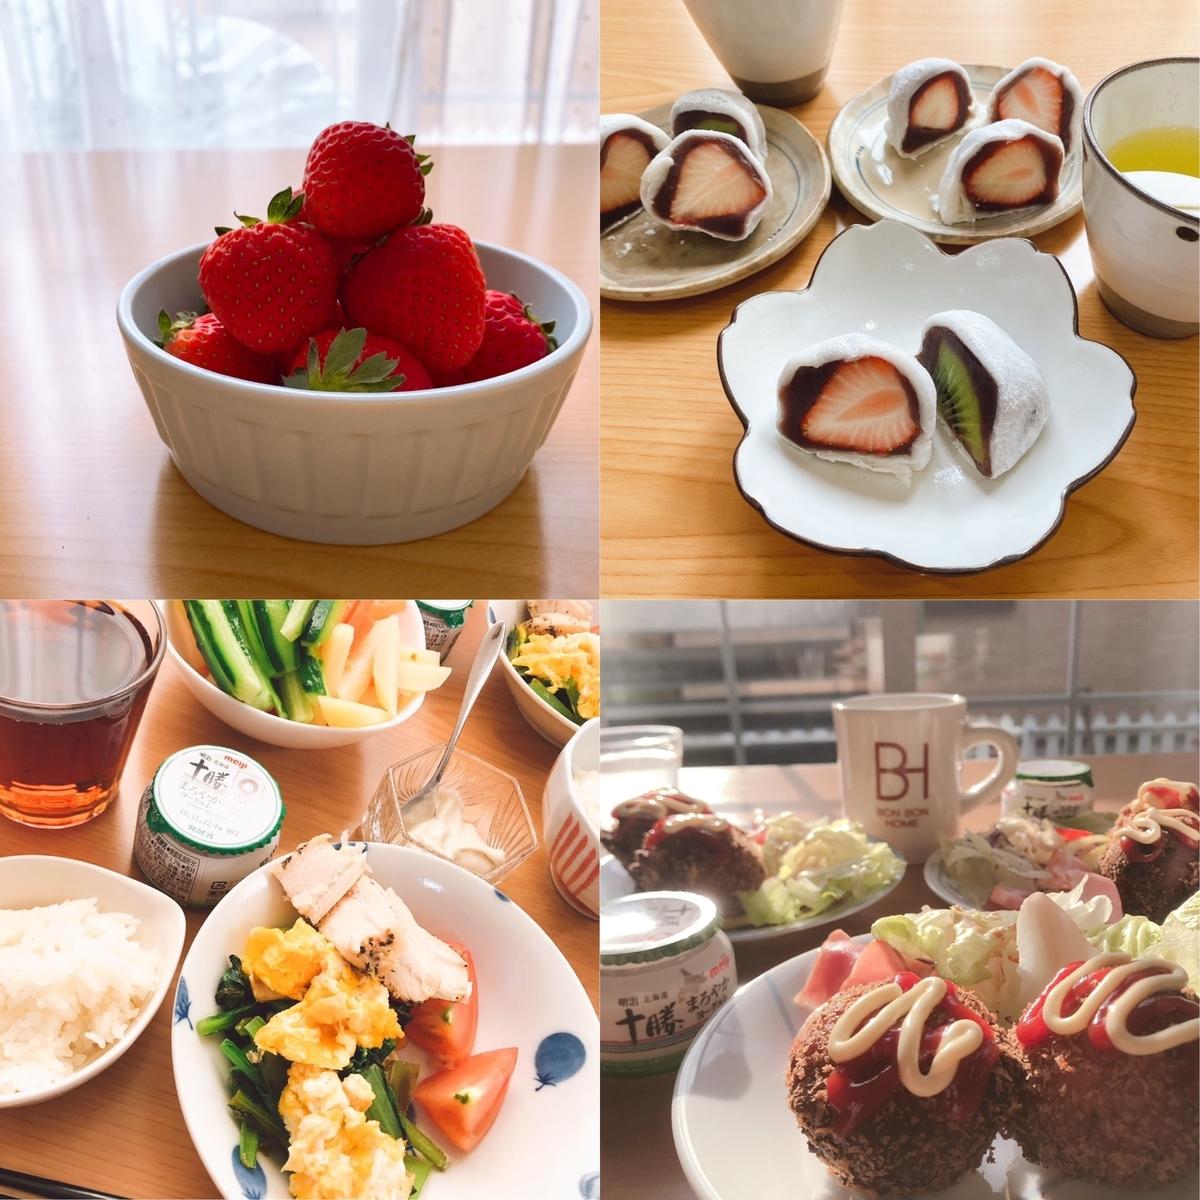 色々な食器を使った料理の写真